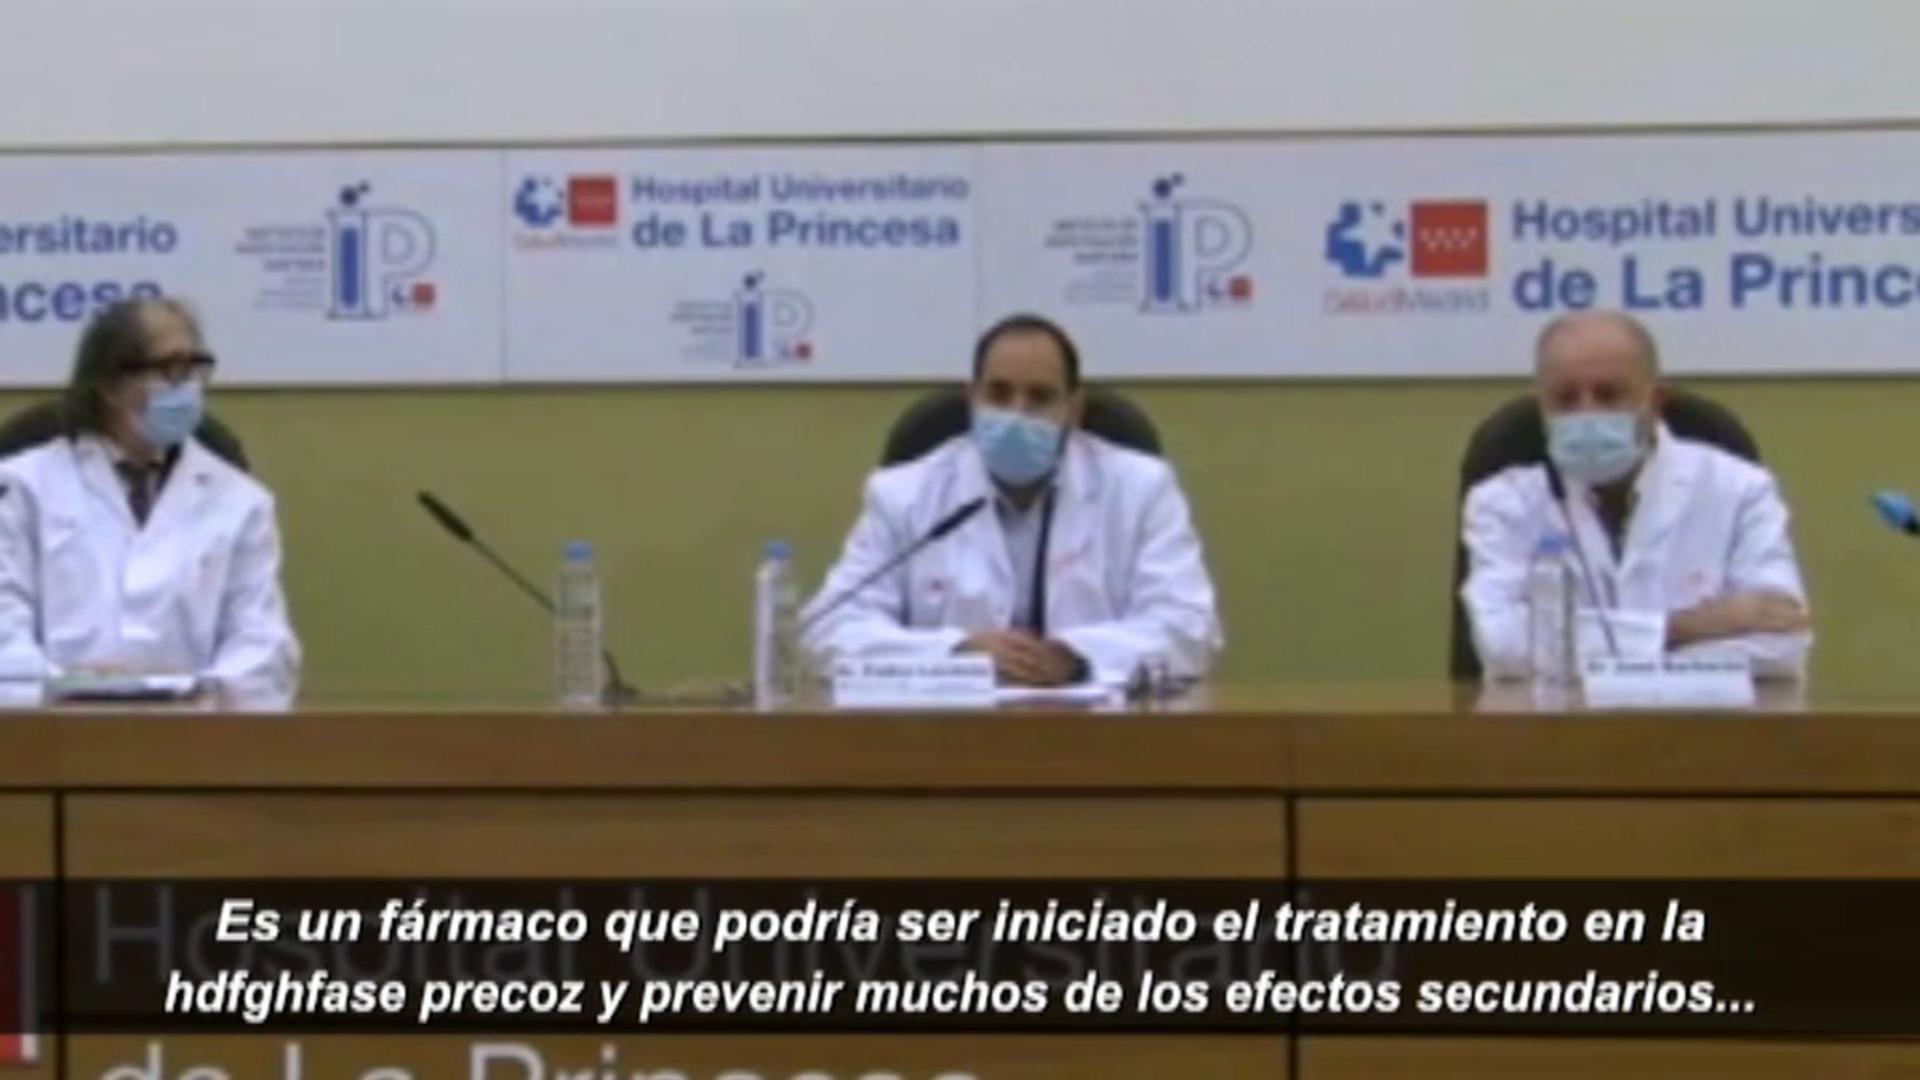 Madrid lidera un ensayo clínico que reduce la carga viral en pacientes con COVID-19